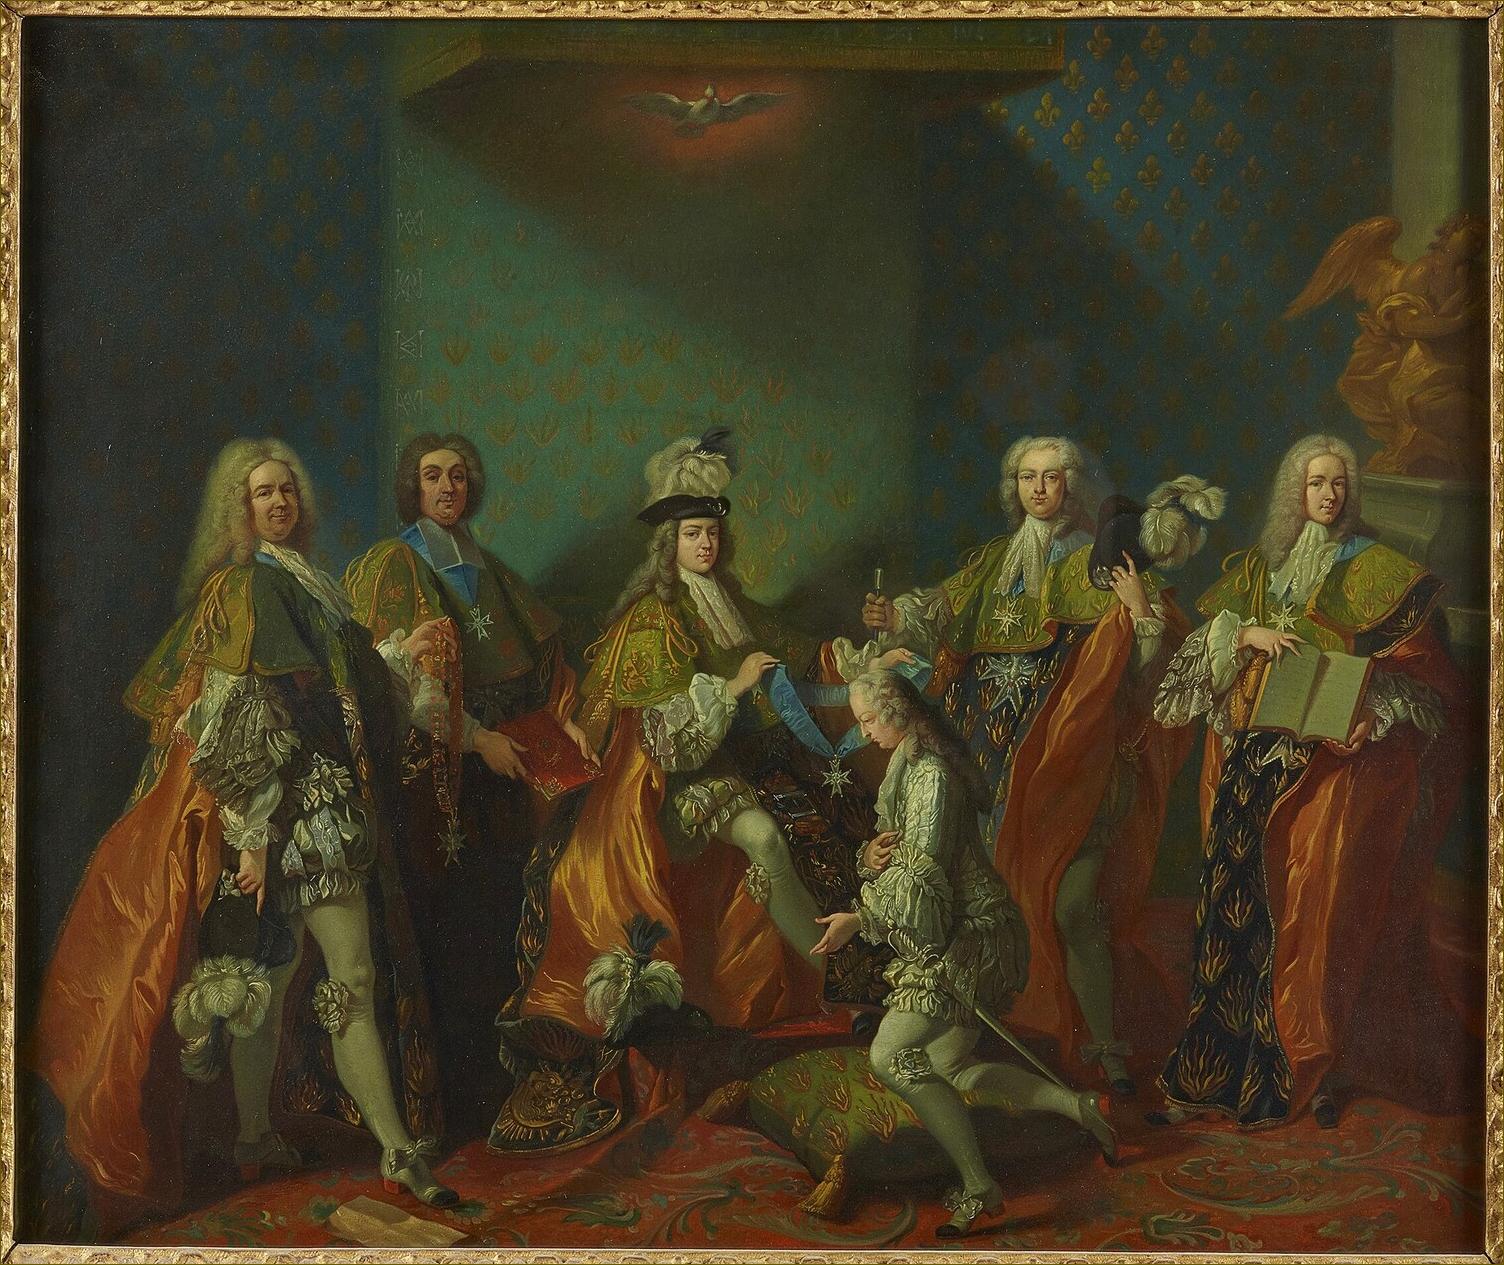 Louis XV, roi de France, âgé de 14 ans, recevant dans l'Ordre du Saint-Esprit son cousin Louis de Bourbon-Condé, comte de Clermont, le 7 juin 1724, par Jean-Baptiste Van Loo